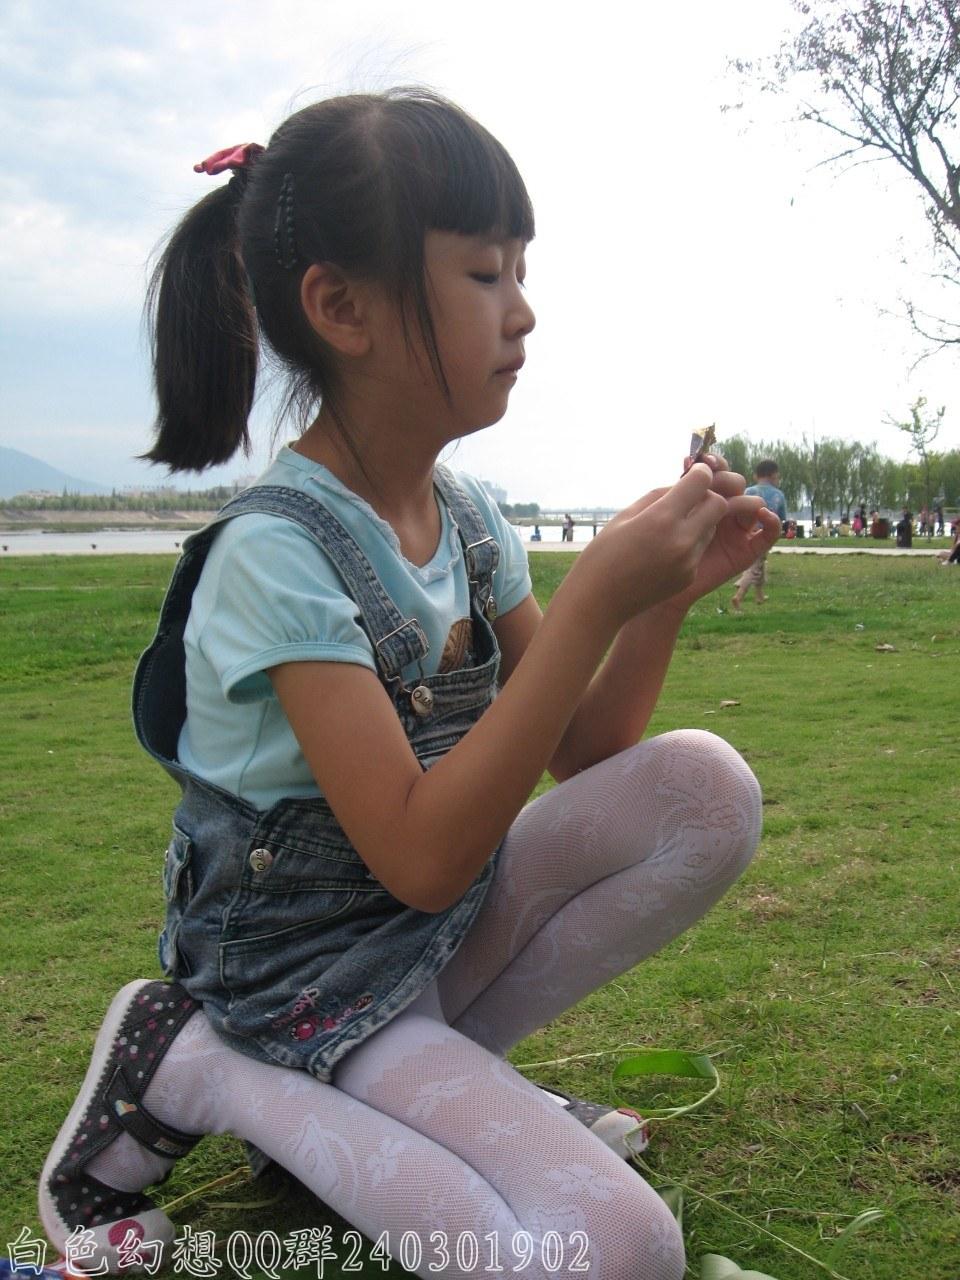 日本小学女生白丝_小幼女 - 7262图片网